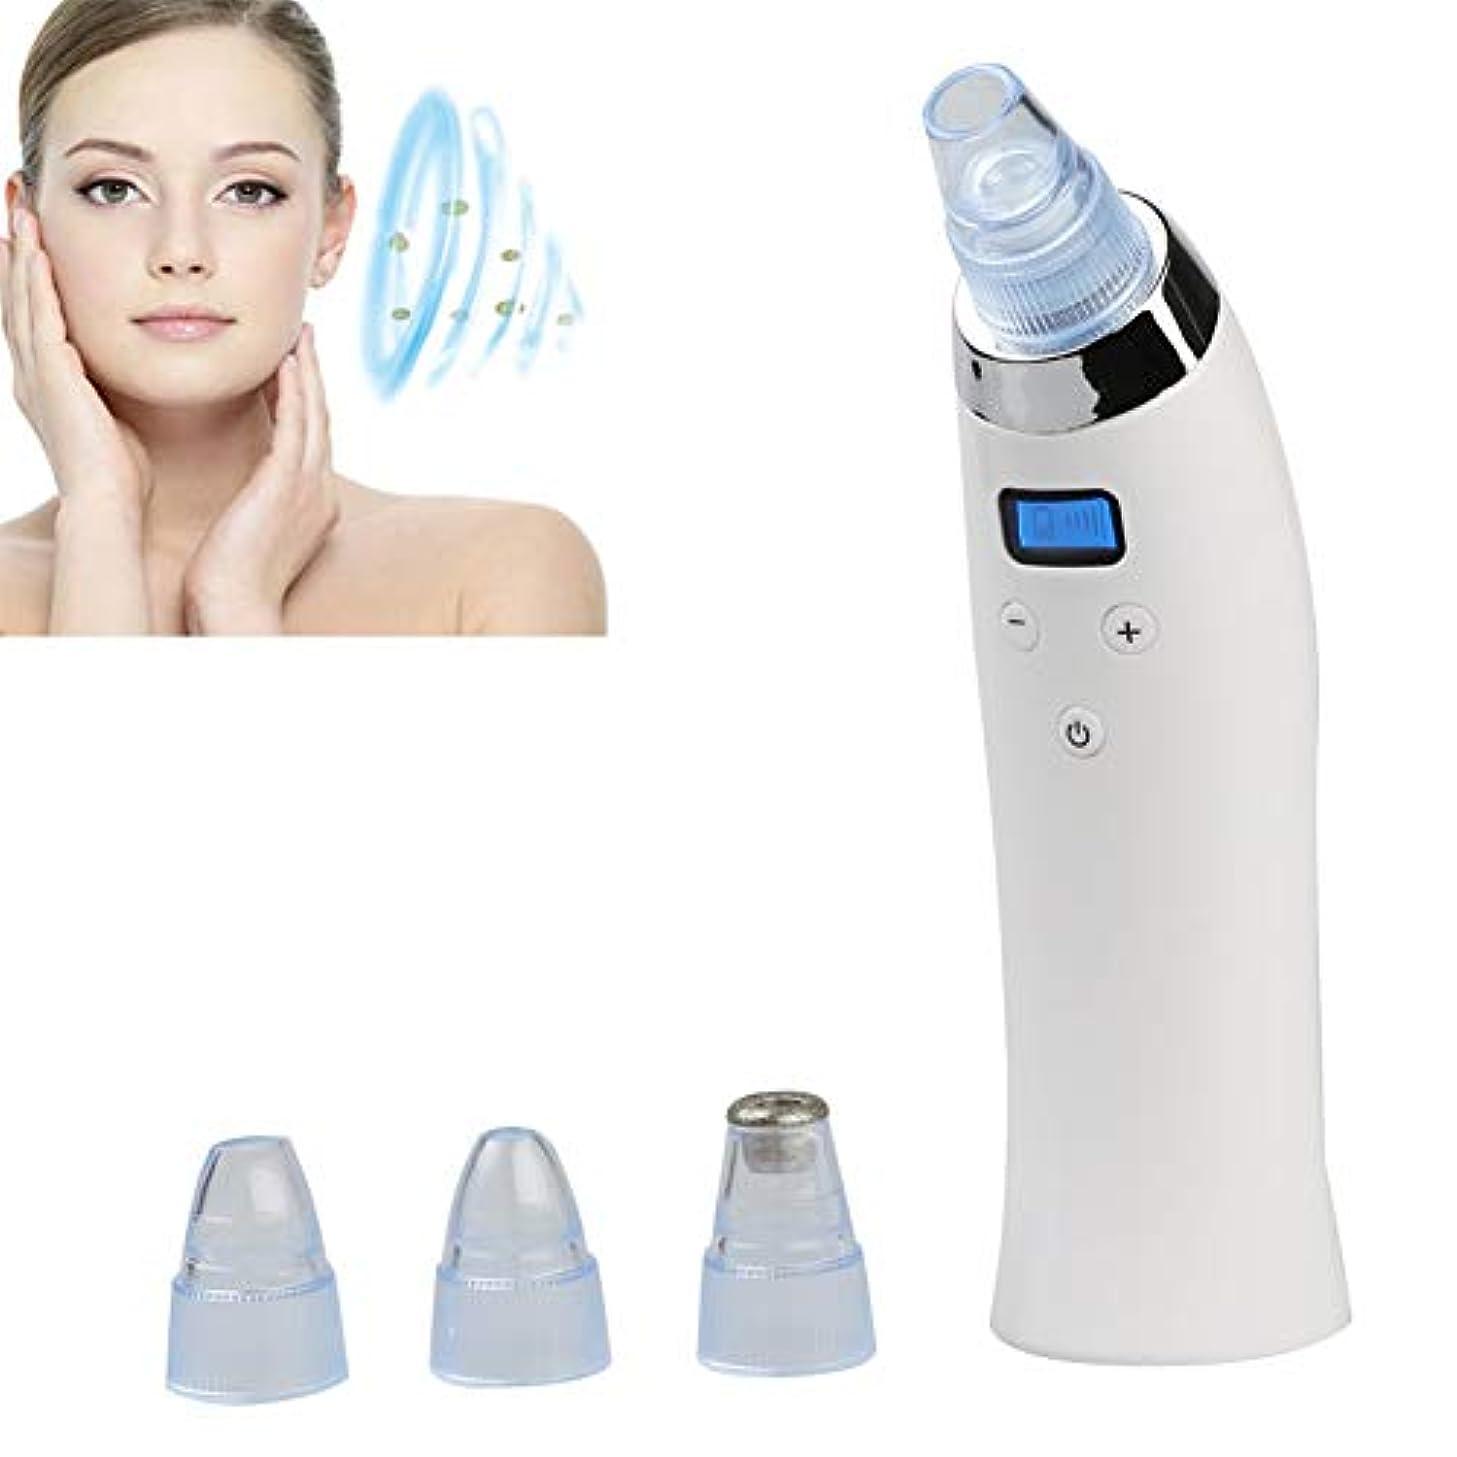 付添人調査神の女性と男性のための電気にきびリムーバーにきび抽出顔鼻にきび抽出器キット